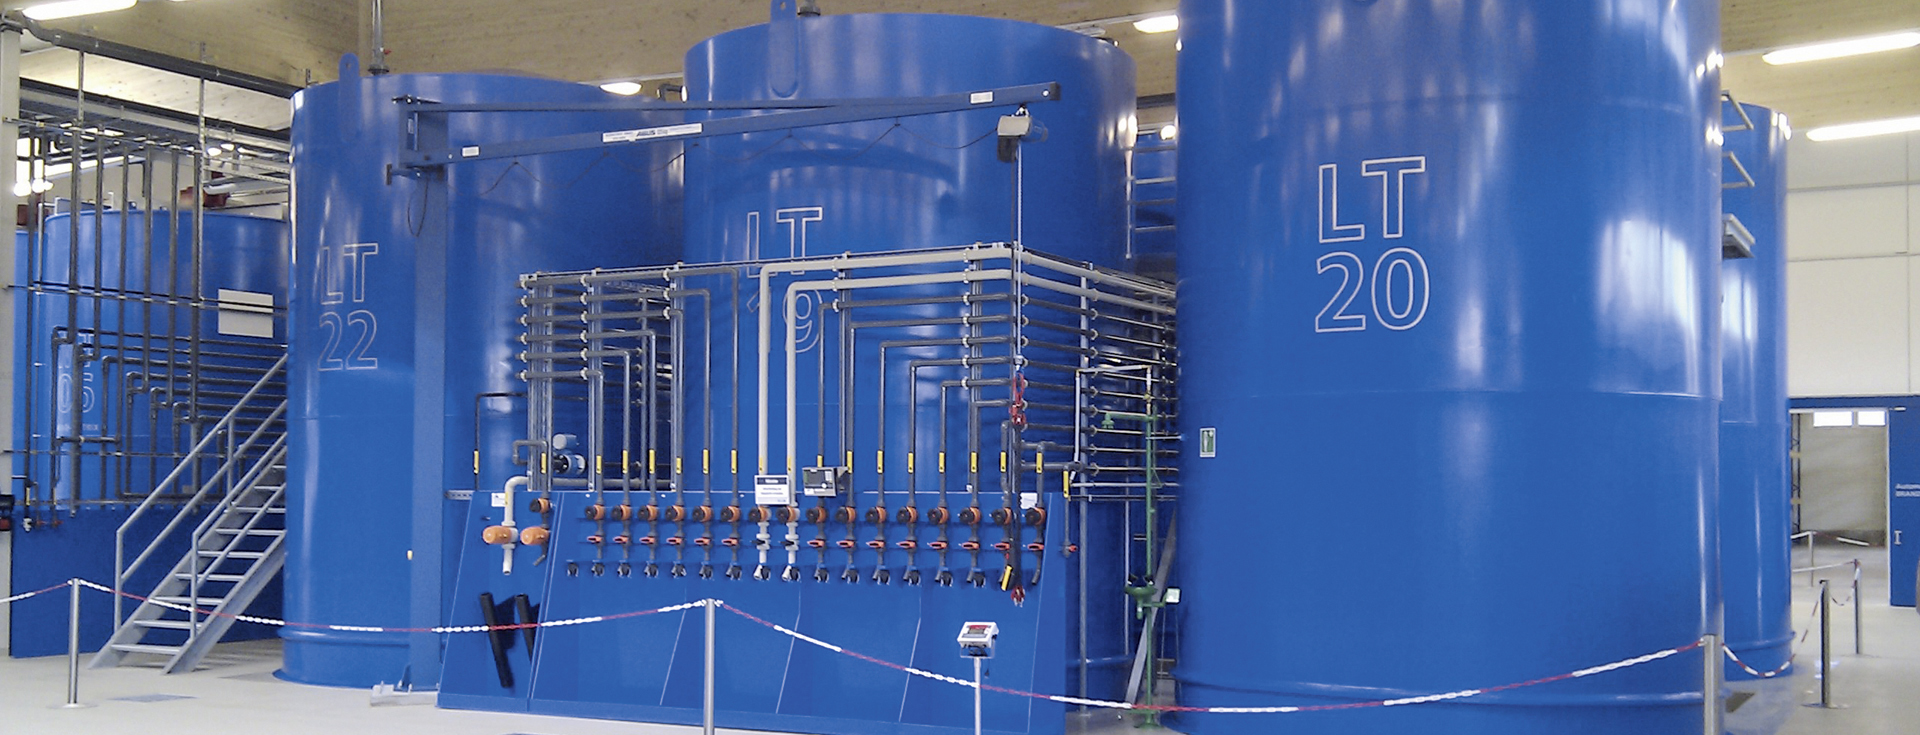 Tylko na zewnątrz Zbiorniki cylindryczne XW29